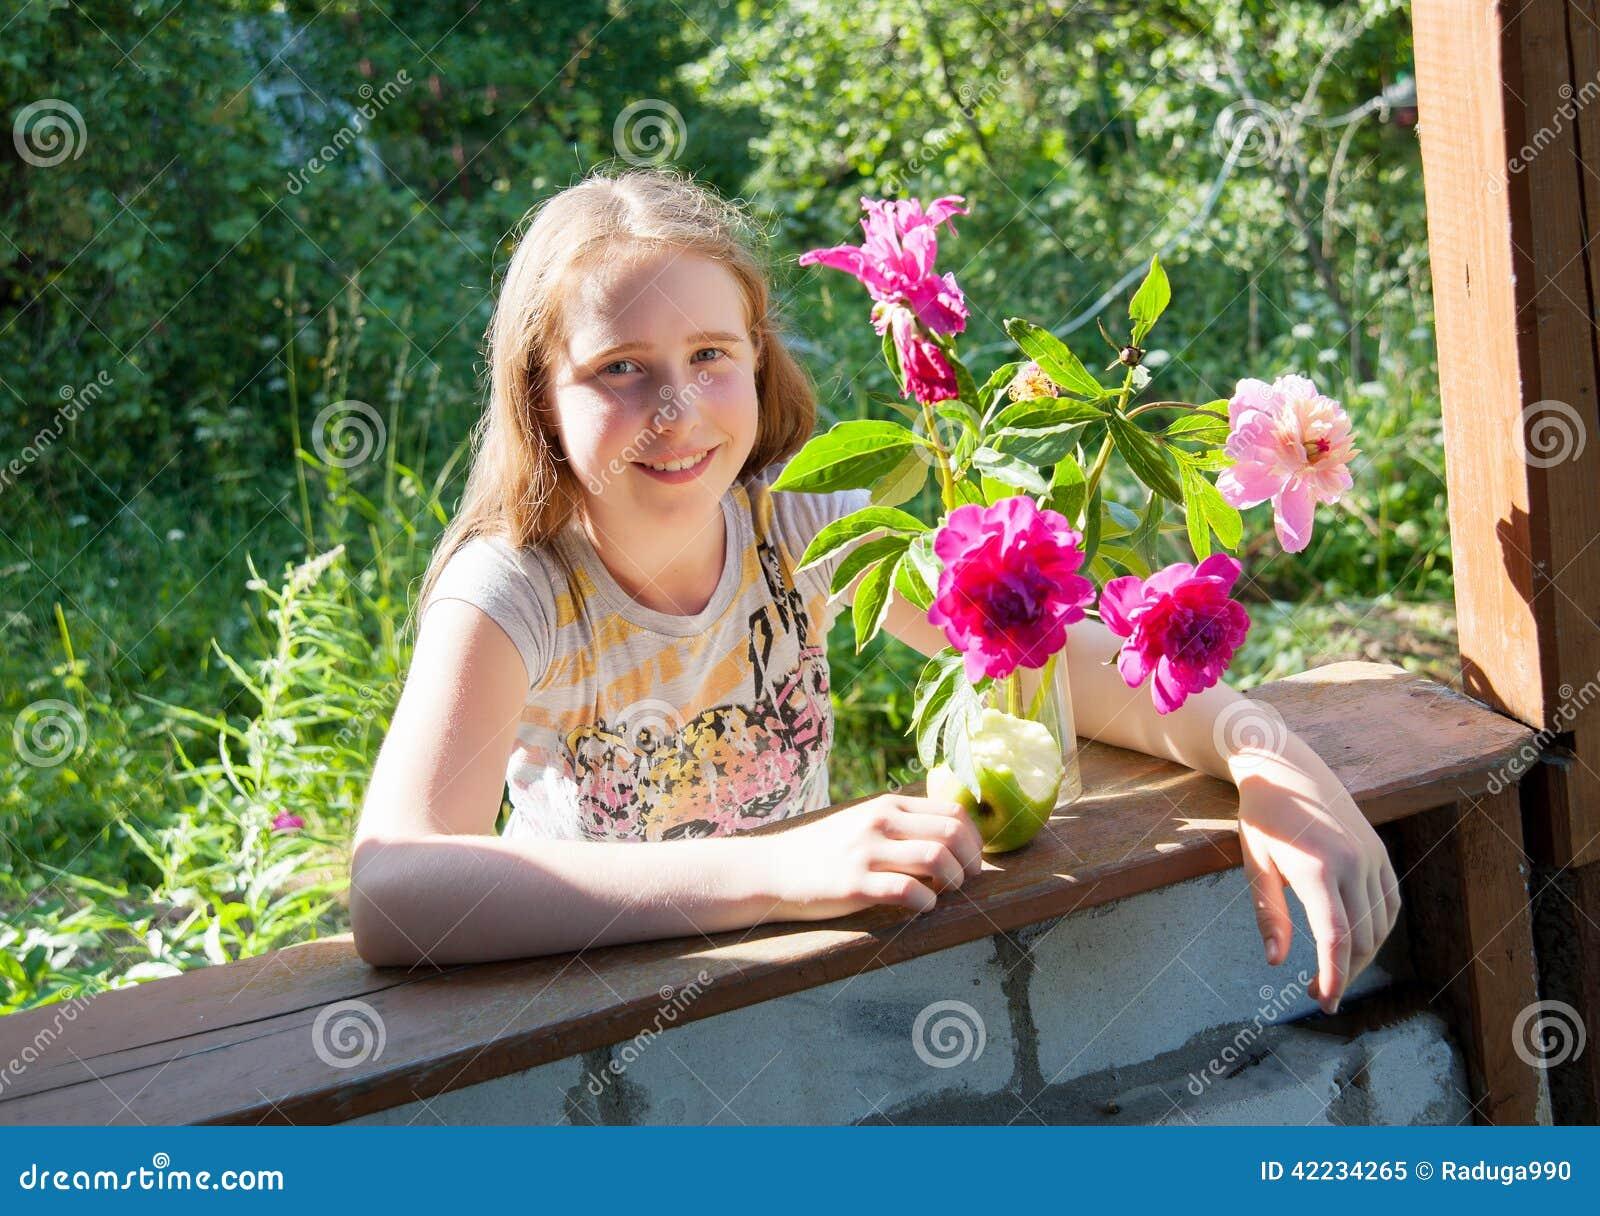 Фото девушек на даче, высокие порноактрисы каталог